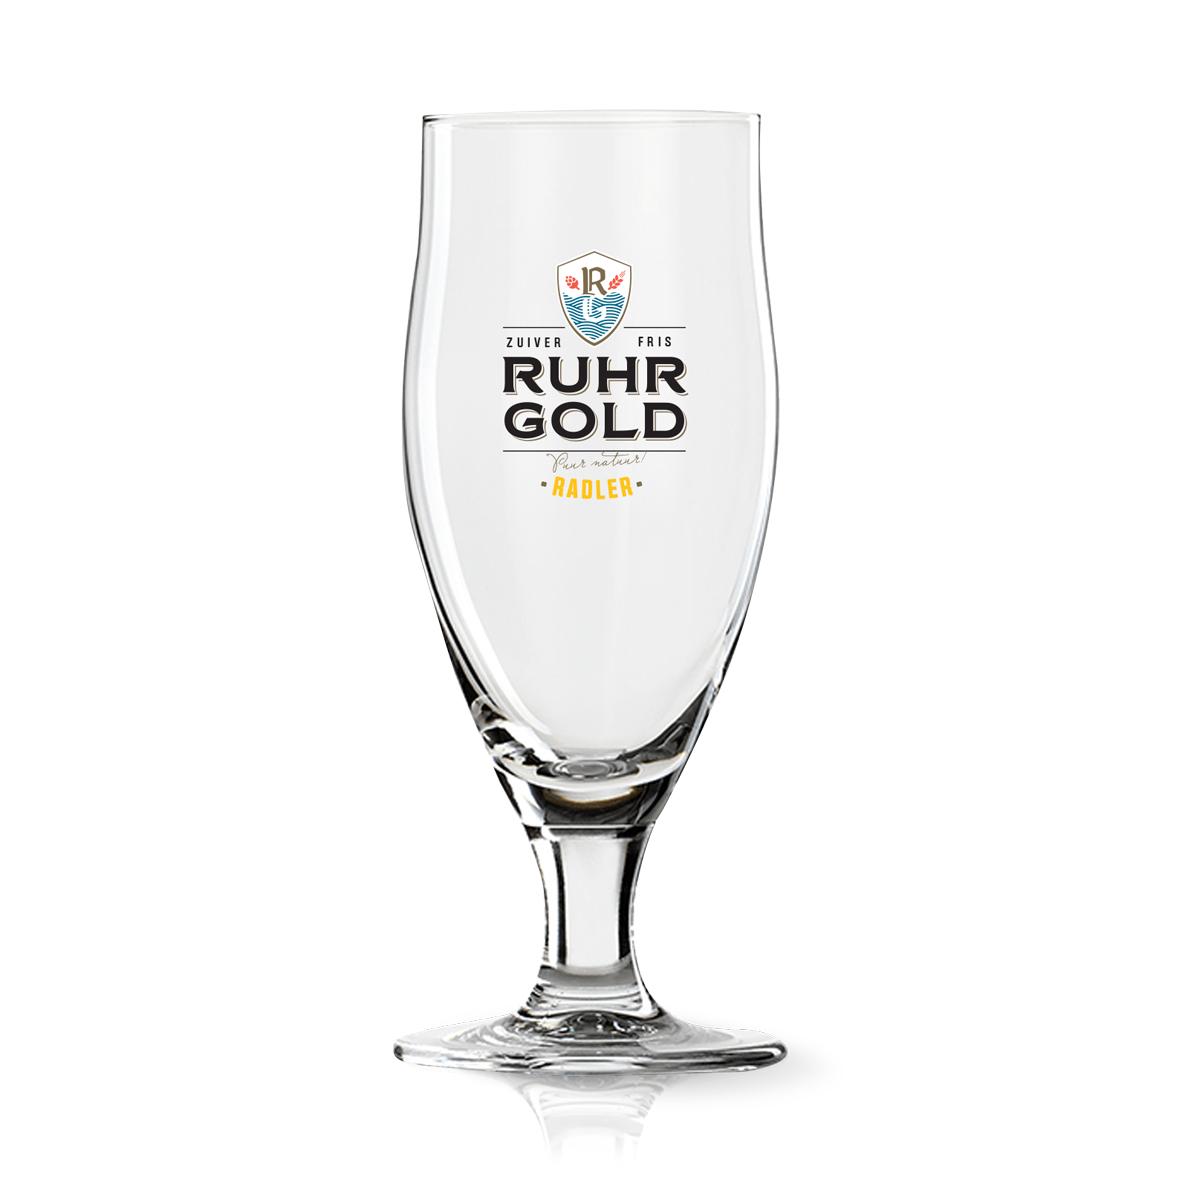 RuhrGold Radler glas 0,33 cl